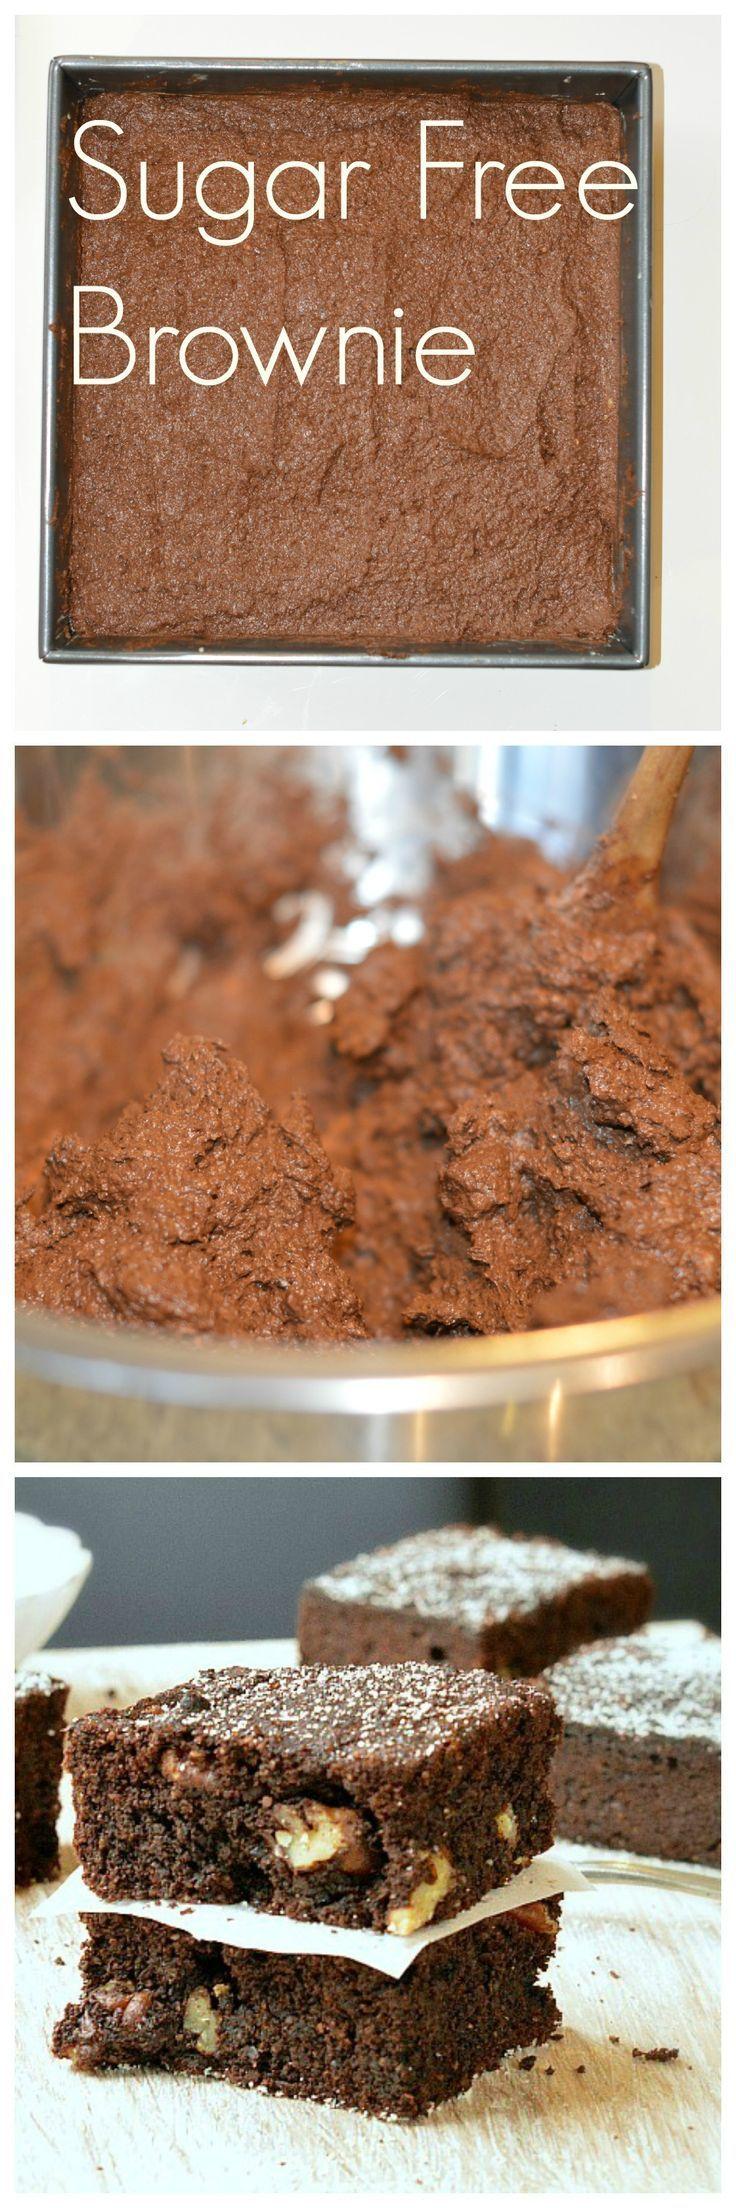 Sugar free brownies recipe | Diabetes brownie | Clean Brownie | Healthy brownie recipe